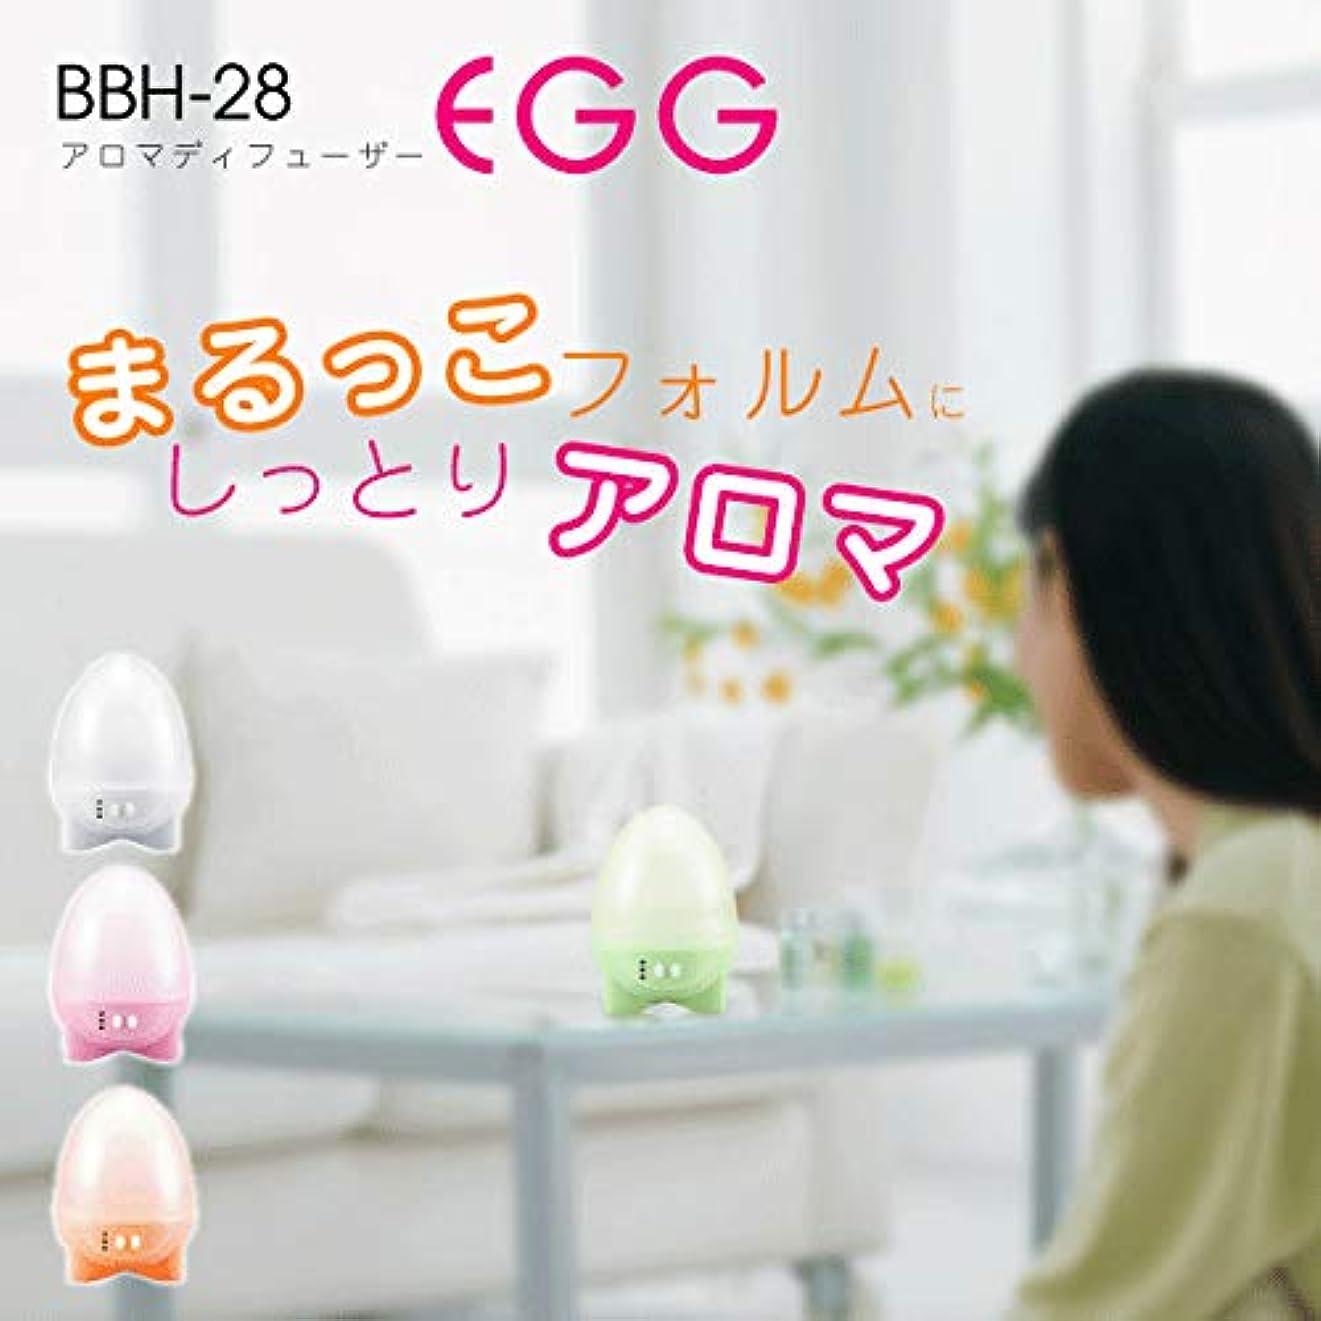 交じるエイリアンサリーPRISMATE(プリズメイト)アロマディフューザー Egg BBH-28 [在庫有]